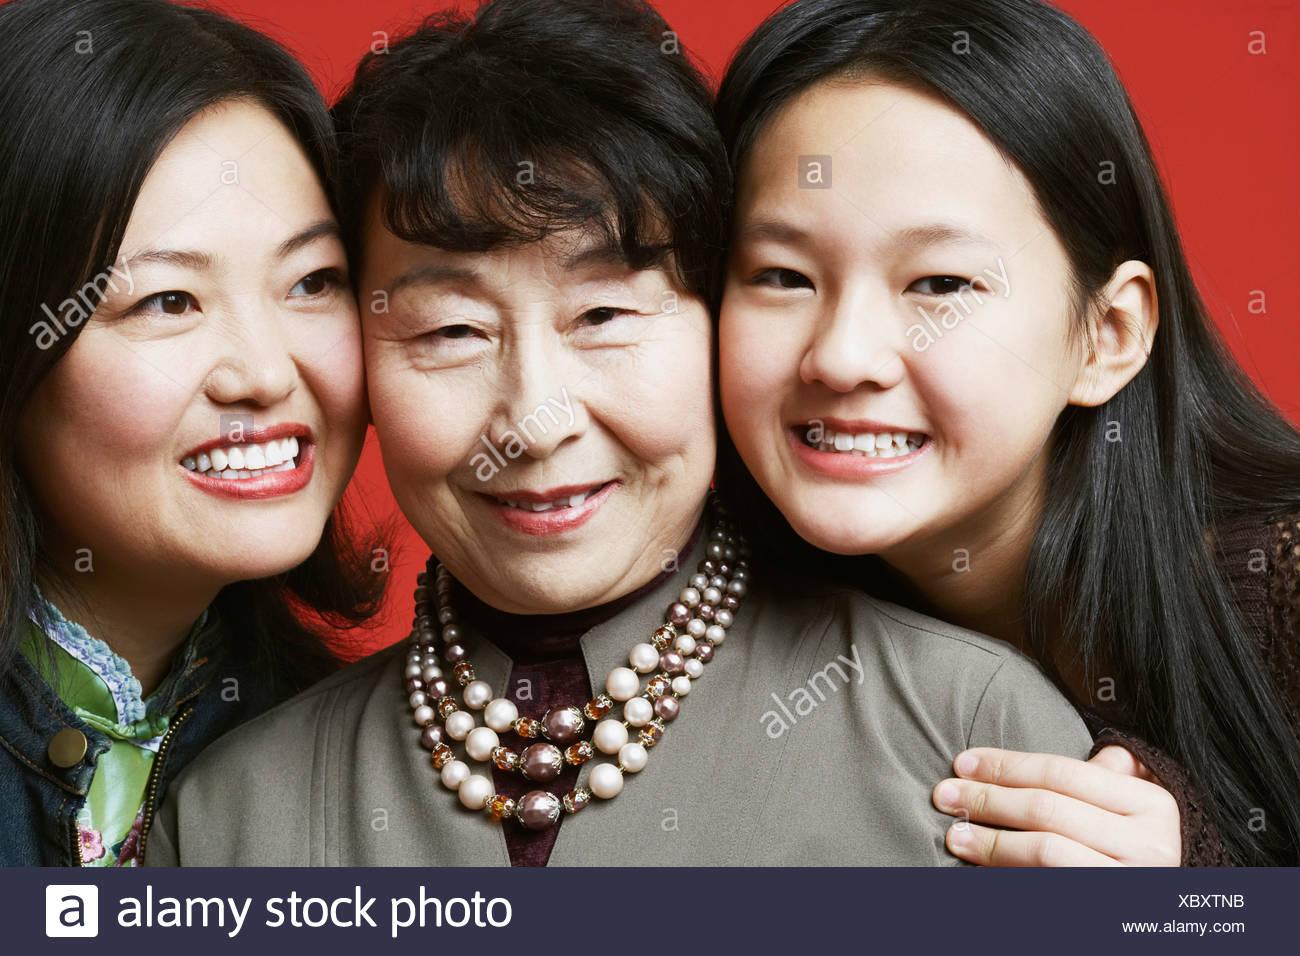 Retrato de una abuela y su nieta sonriendo Imagen De Stock